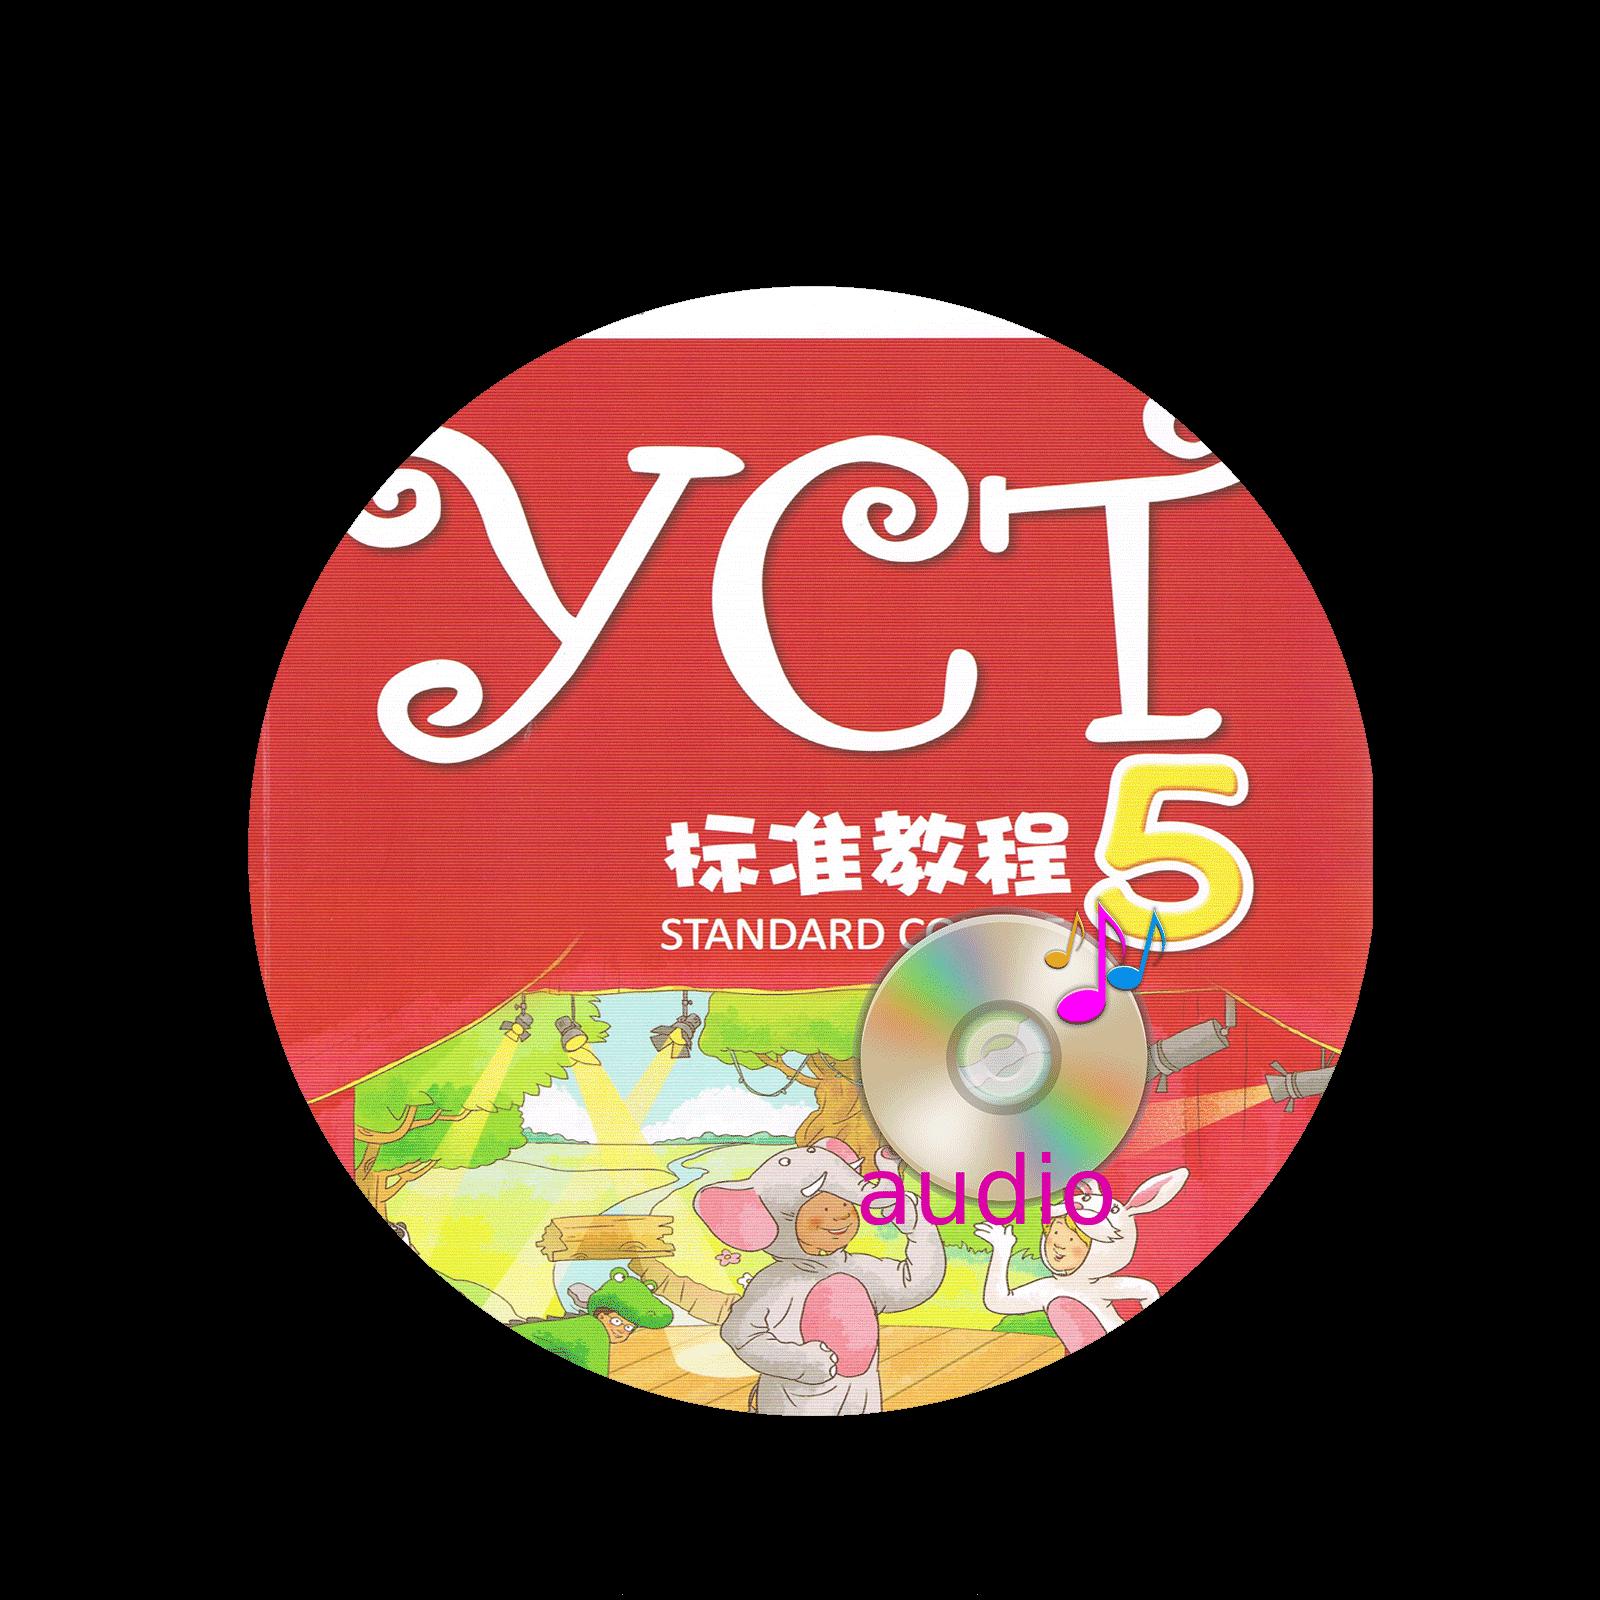 Yct5 Biaozhun Jiaocheng Audio